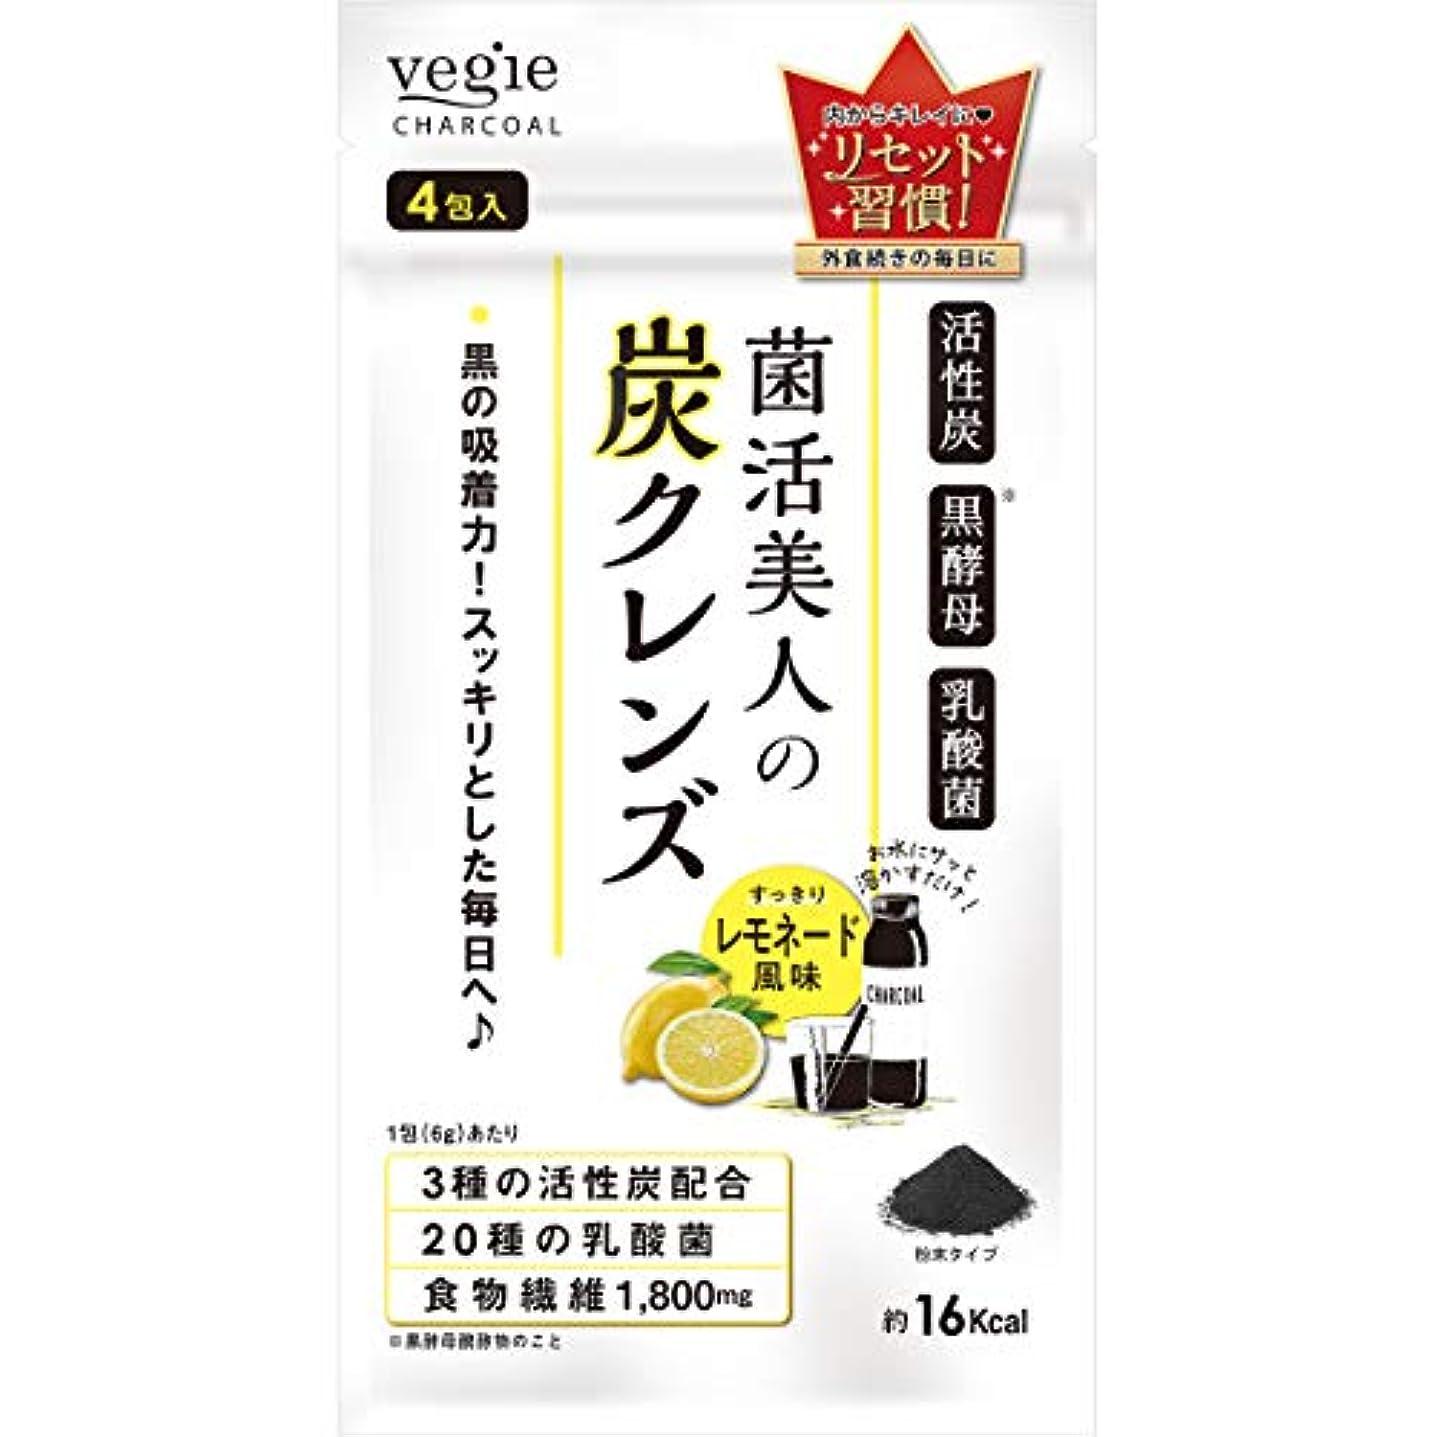 モナリザいちゃつく青ベジエ 菌活美人の炭クレンズ 4包